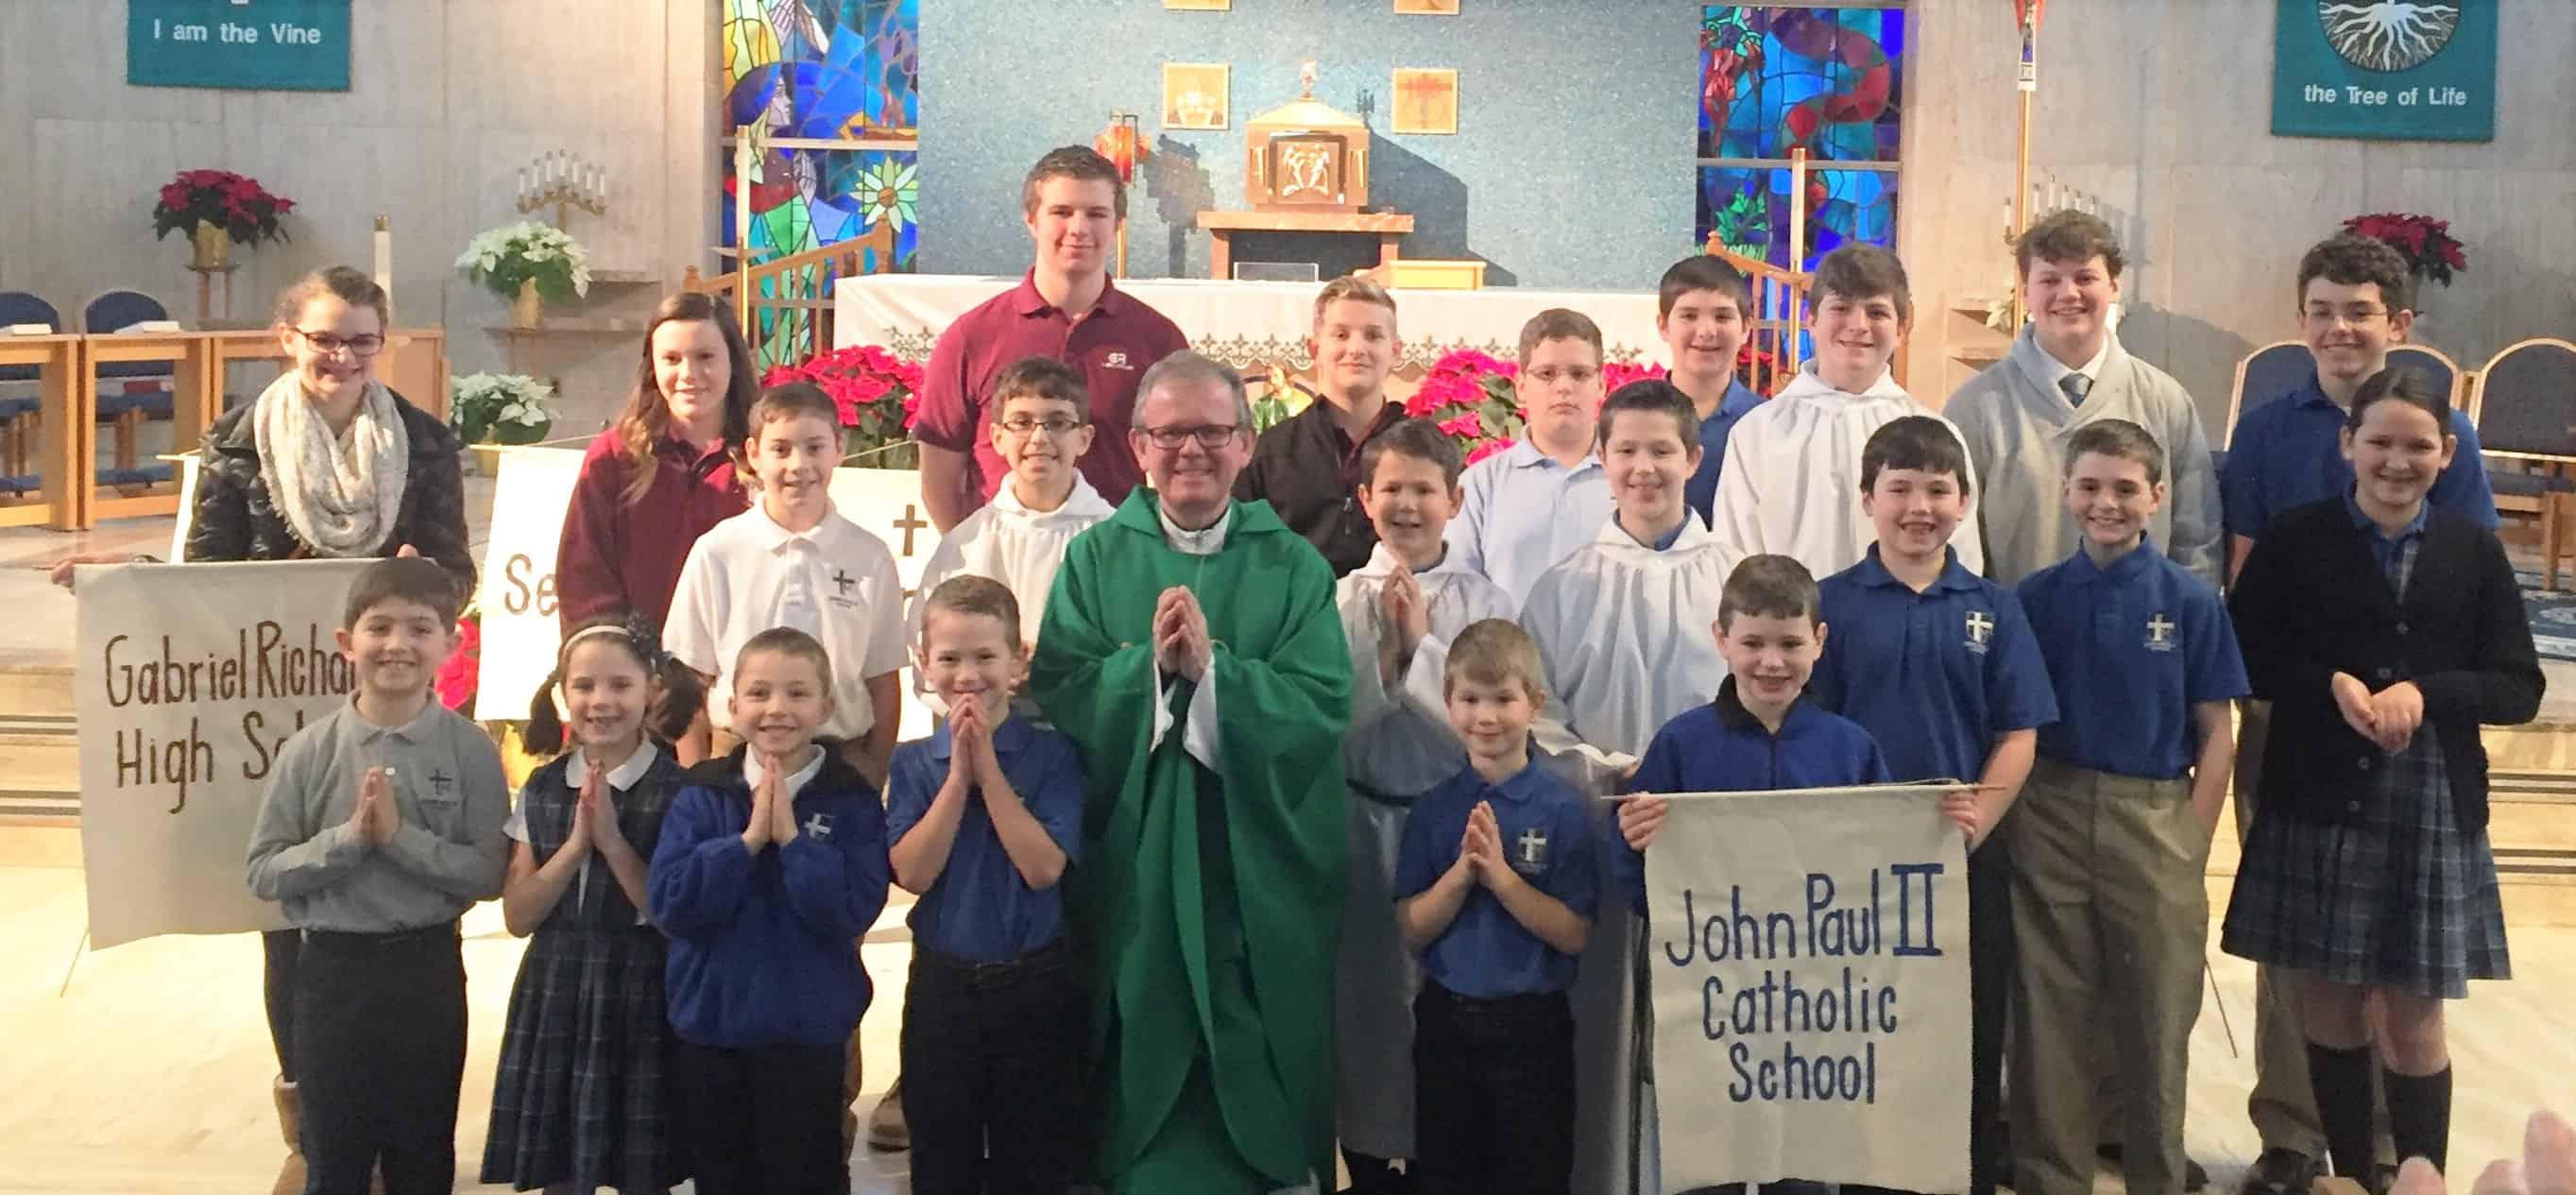 Catholic-Schools-Mass-cropped-group-2016